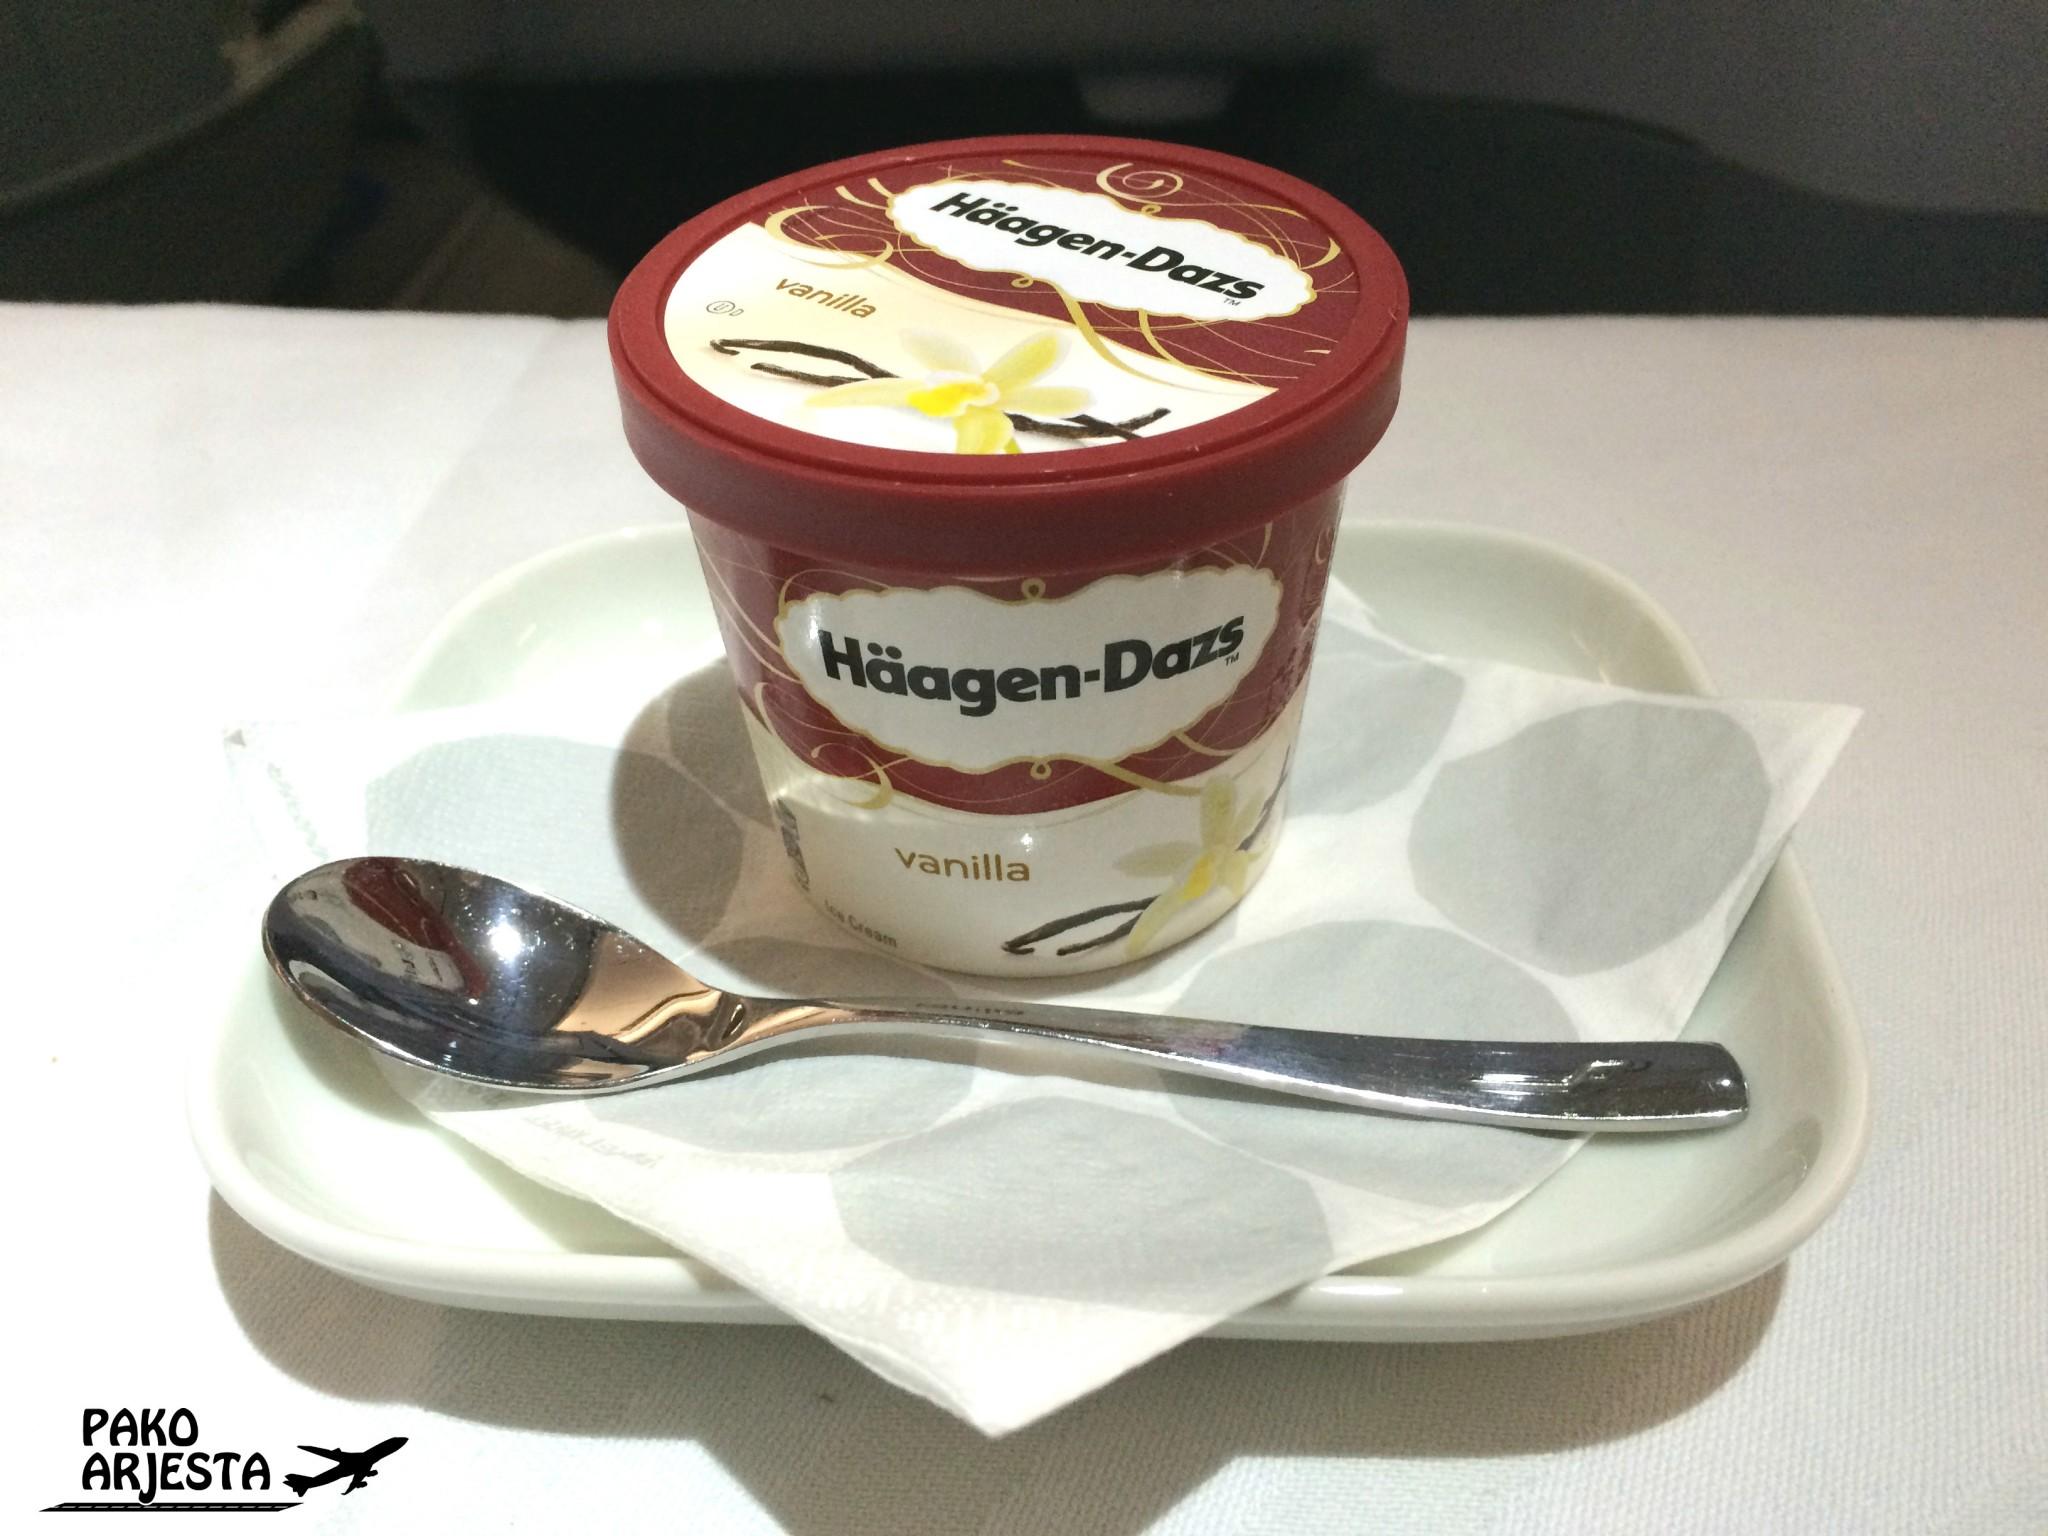 Japanista Helsinkiin matkustaessa lennon erikoisuutena on vihreän teen makuinen jäätelö